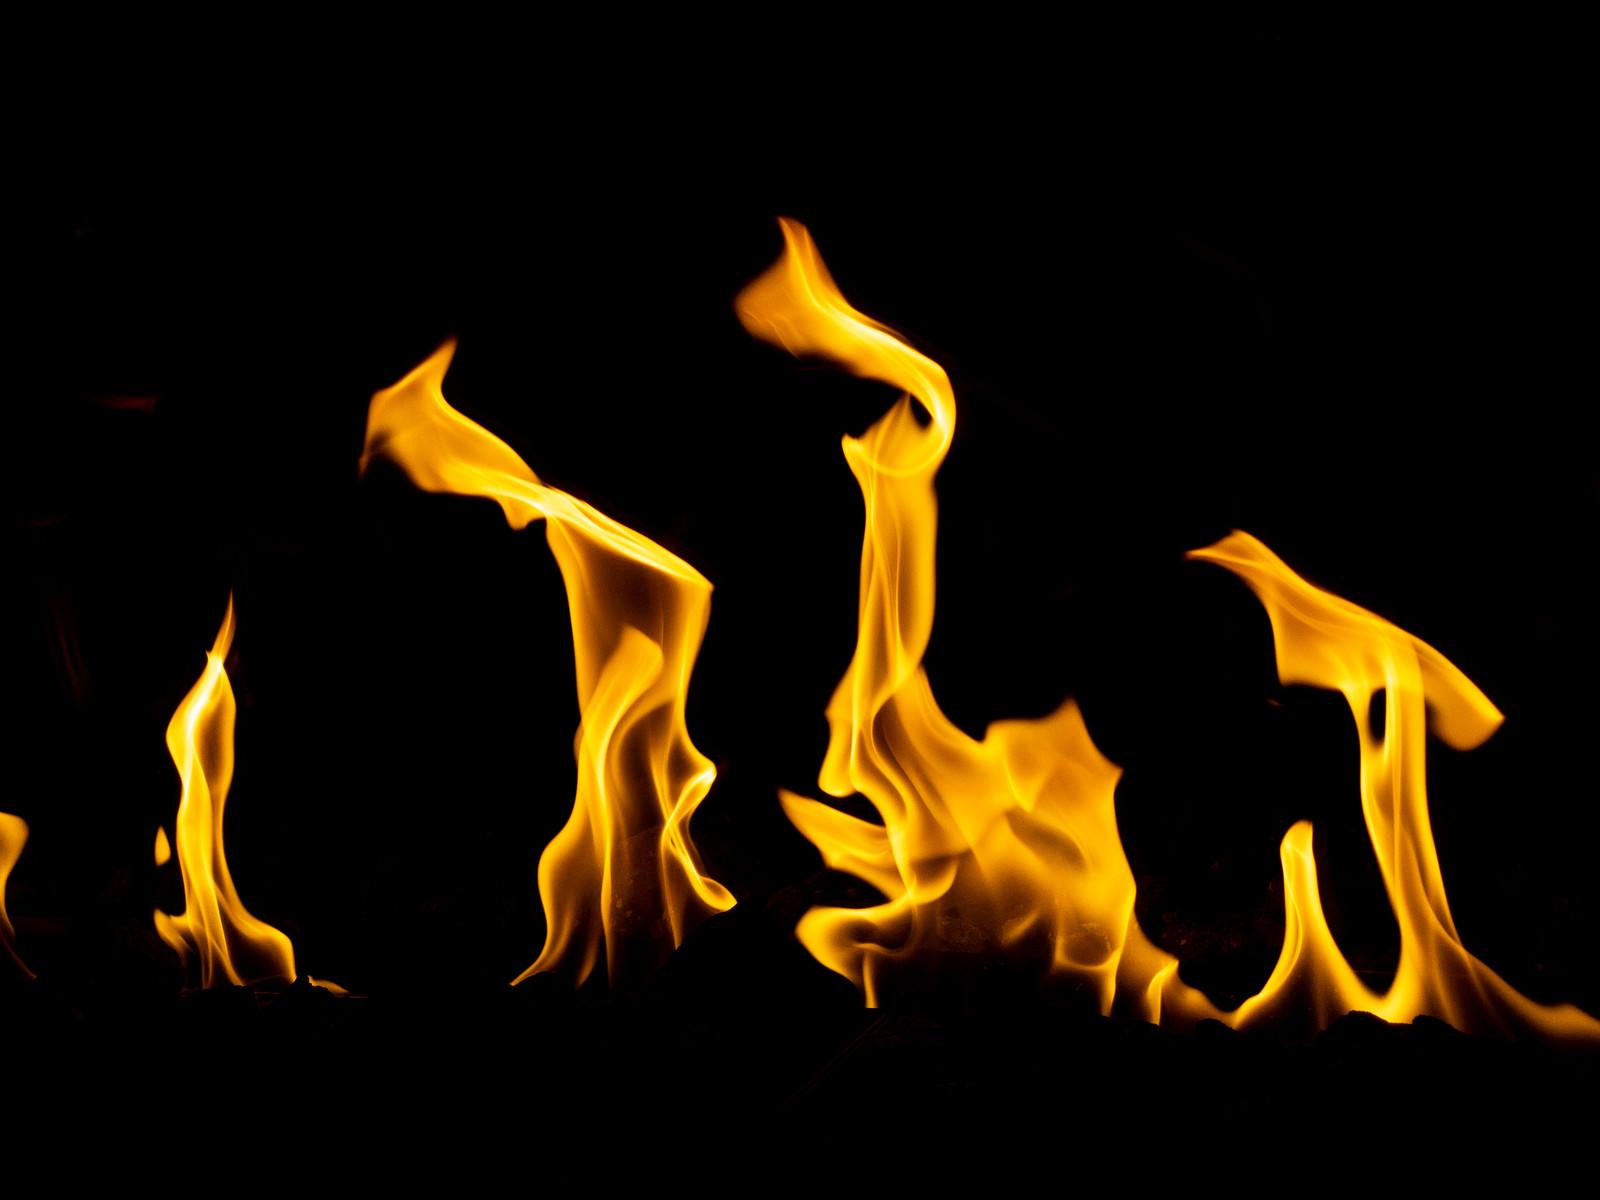 「よく燃える」の写真